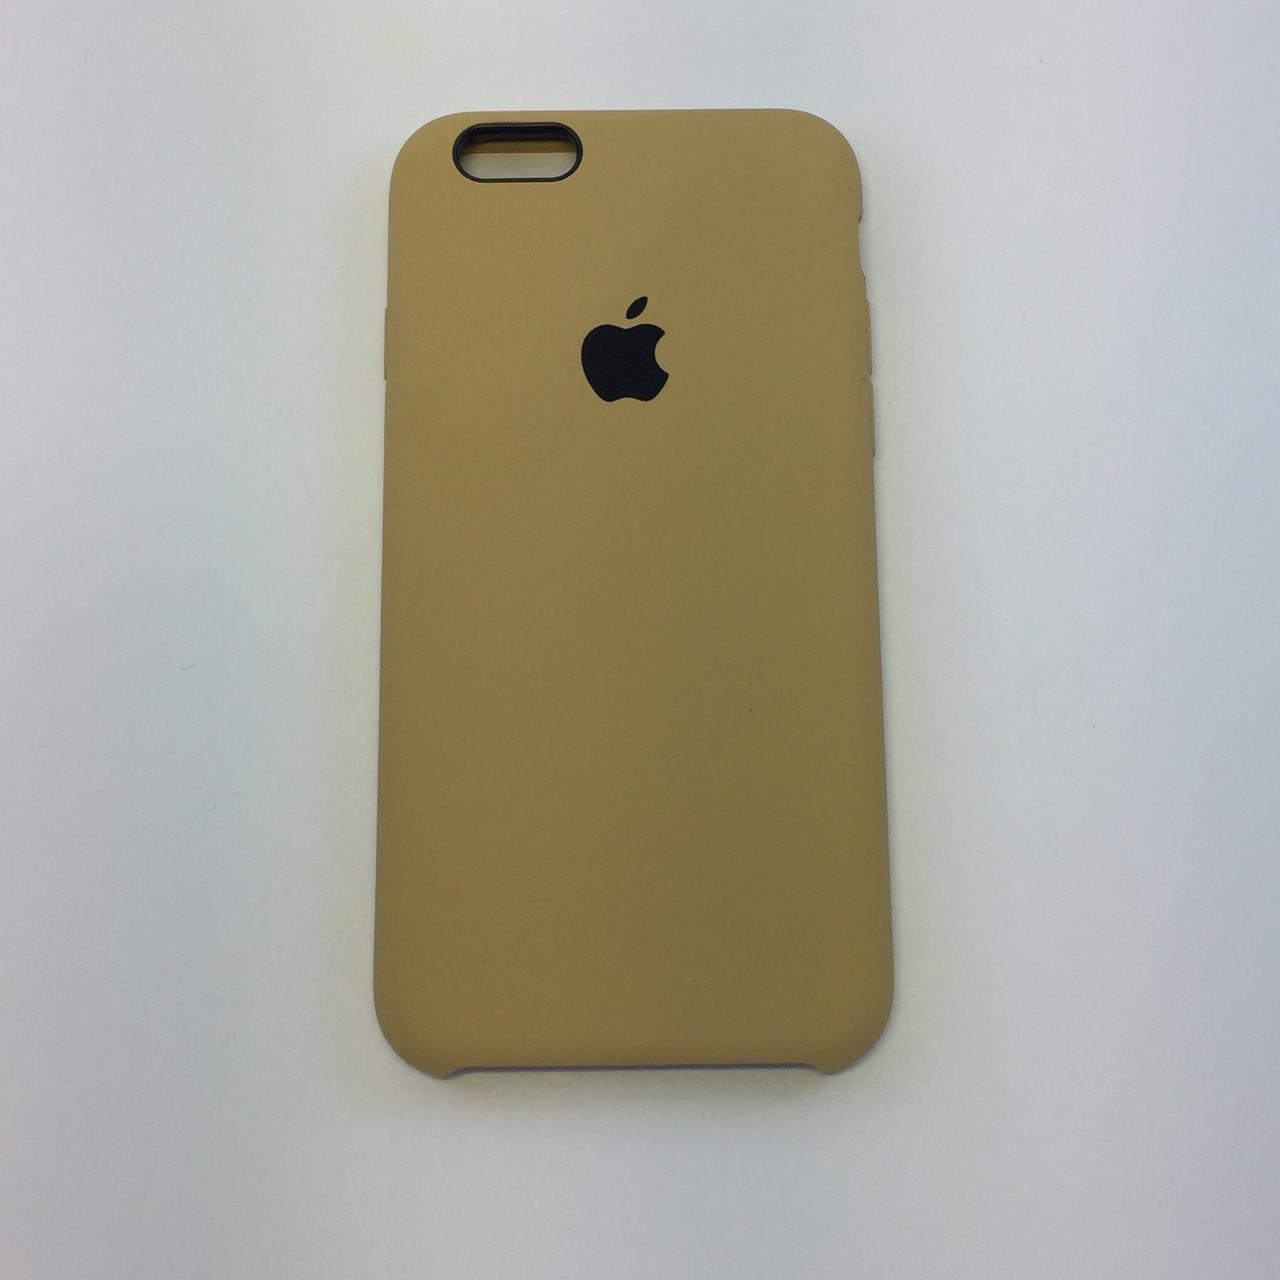 Силиконовый чехол для iPhone 7, - «gold» - copy original